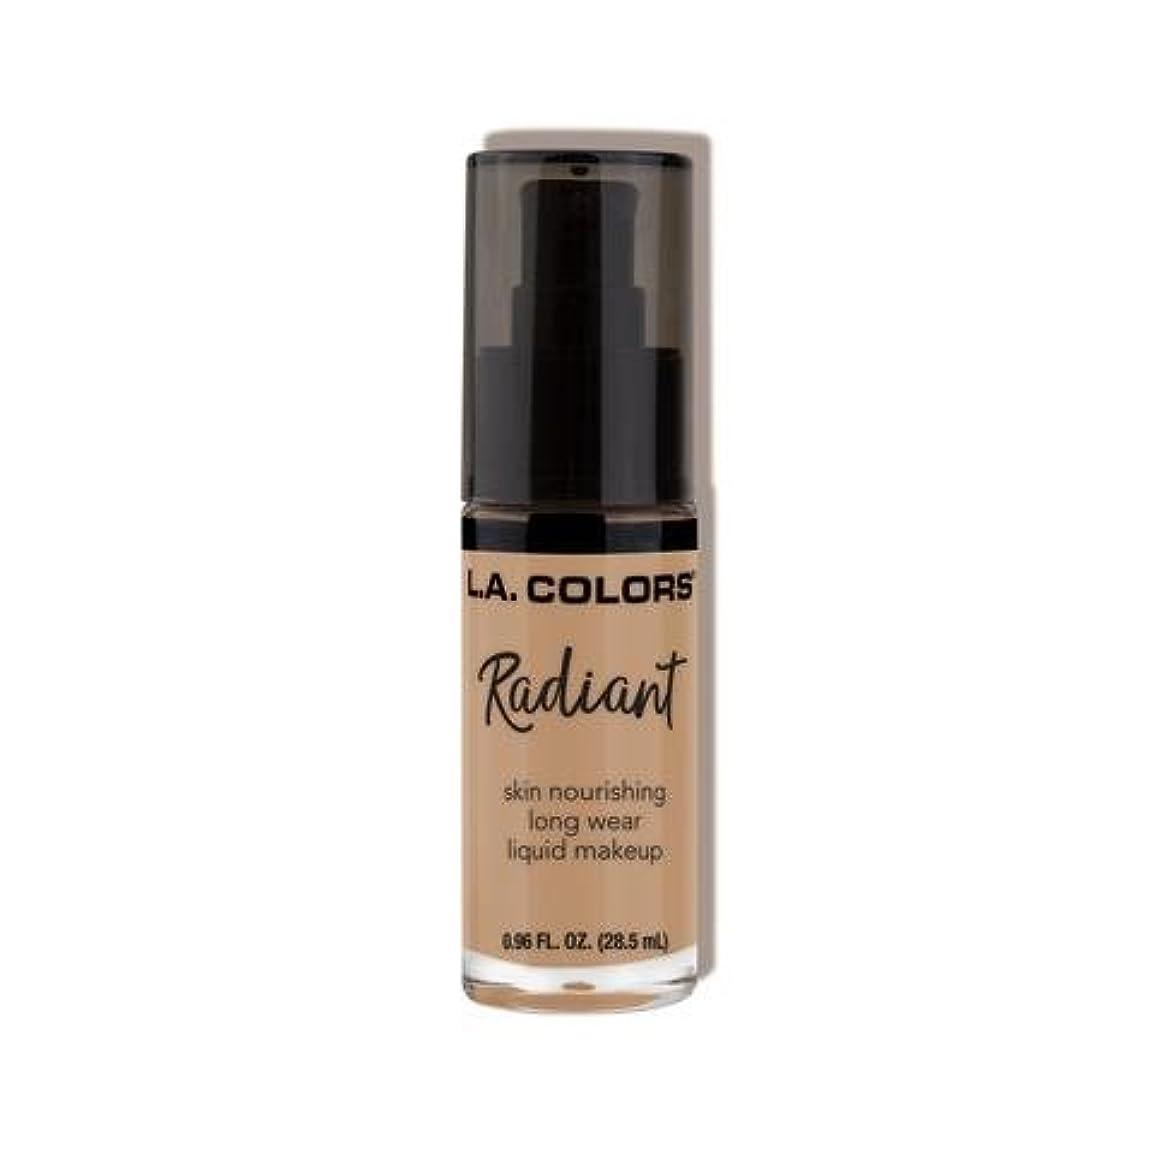 意図的極地個人的に(6 Pack) L.A. COLORS Radiant Liquid Makeup - Medium Beige (並行輸入品)